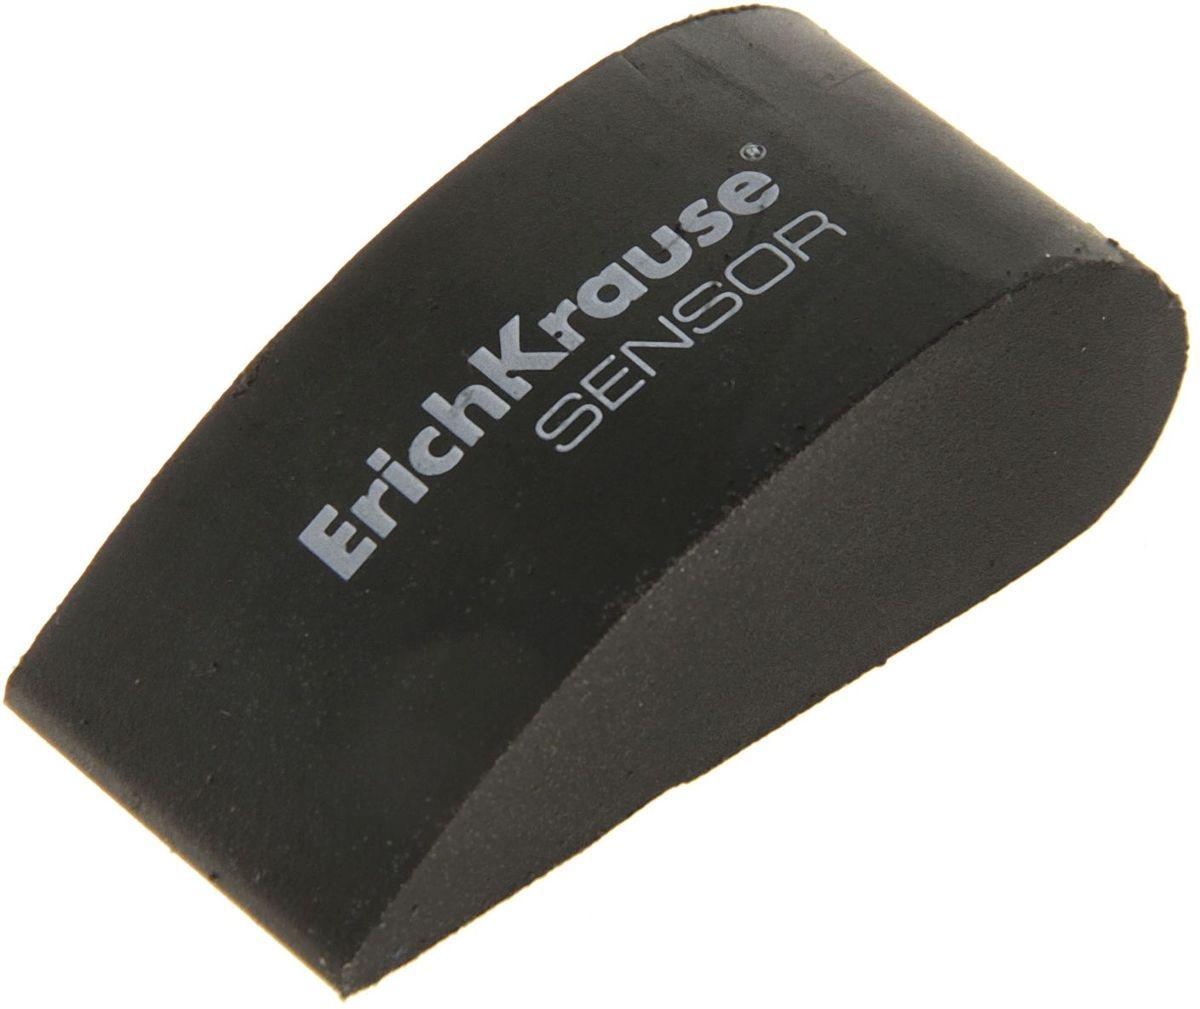 Erich Krause Ластик Sensor цвет черный0703415Ластик Erich Krause Sensor станет незаменимым аксессуаром на рабочем столе не только школьника или студента, но и офисного работника.Мягкий ластик эргономичной формы выполнен из синтетики.При стирании стружка от ластика скатывается в единый комок, а не рассыпается по всей поверхности бумаги.